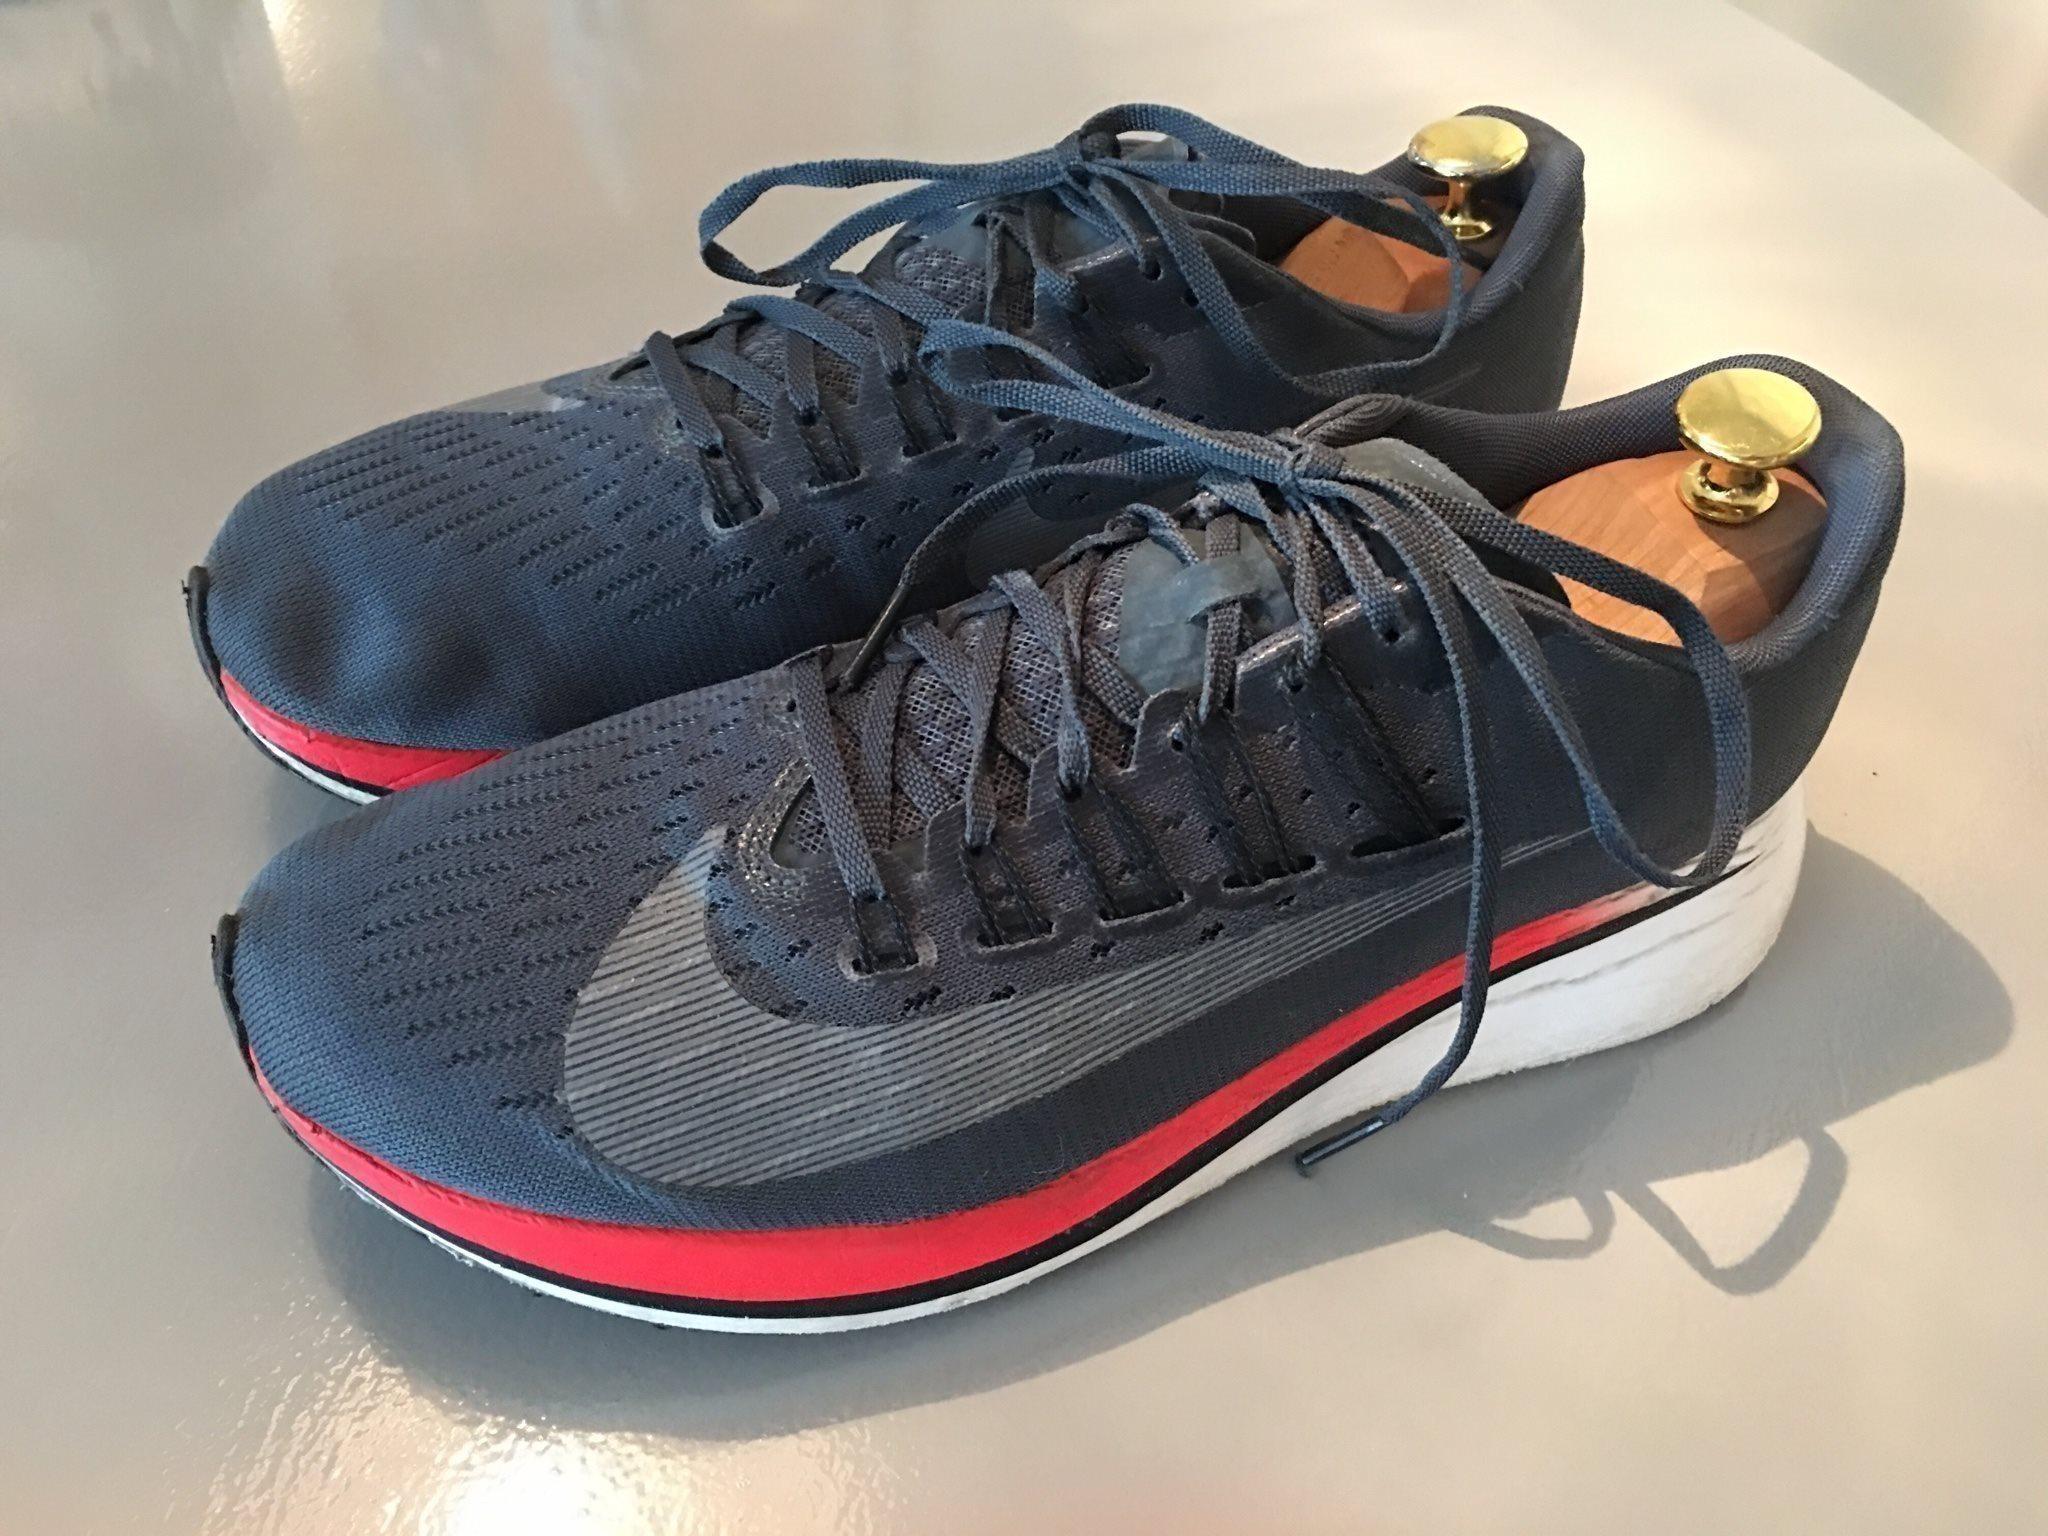 346a538fca7 Löparskor Nike zoom fly